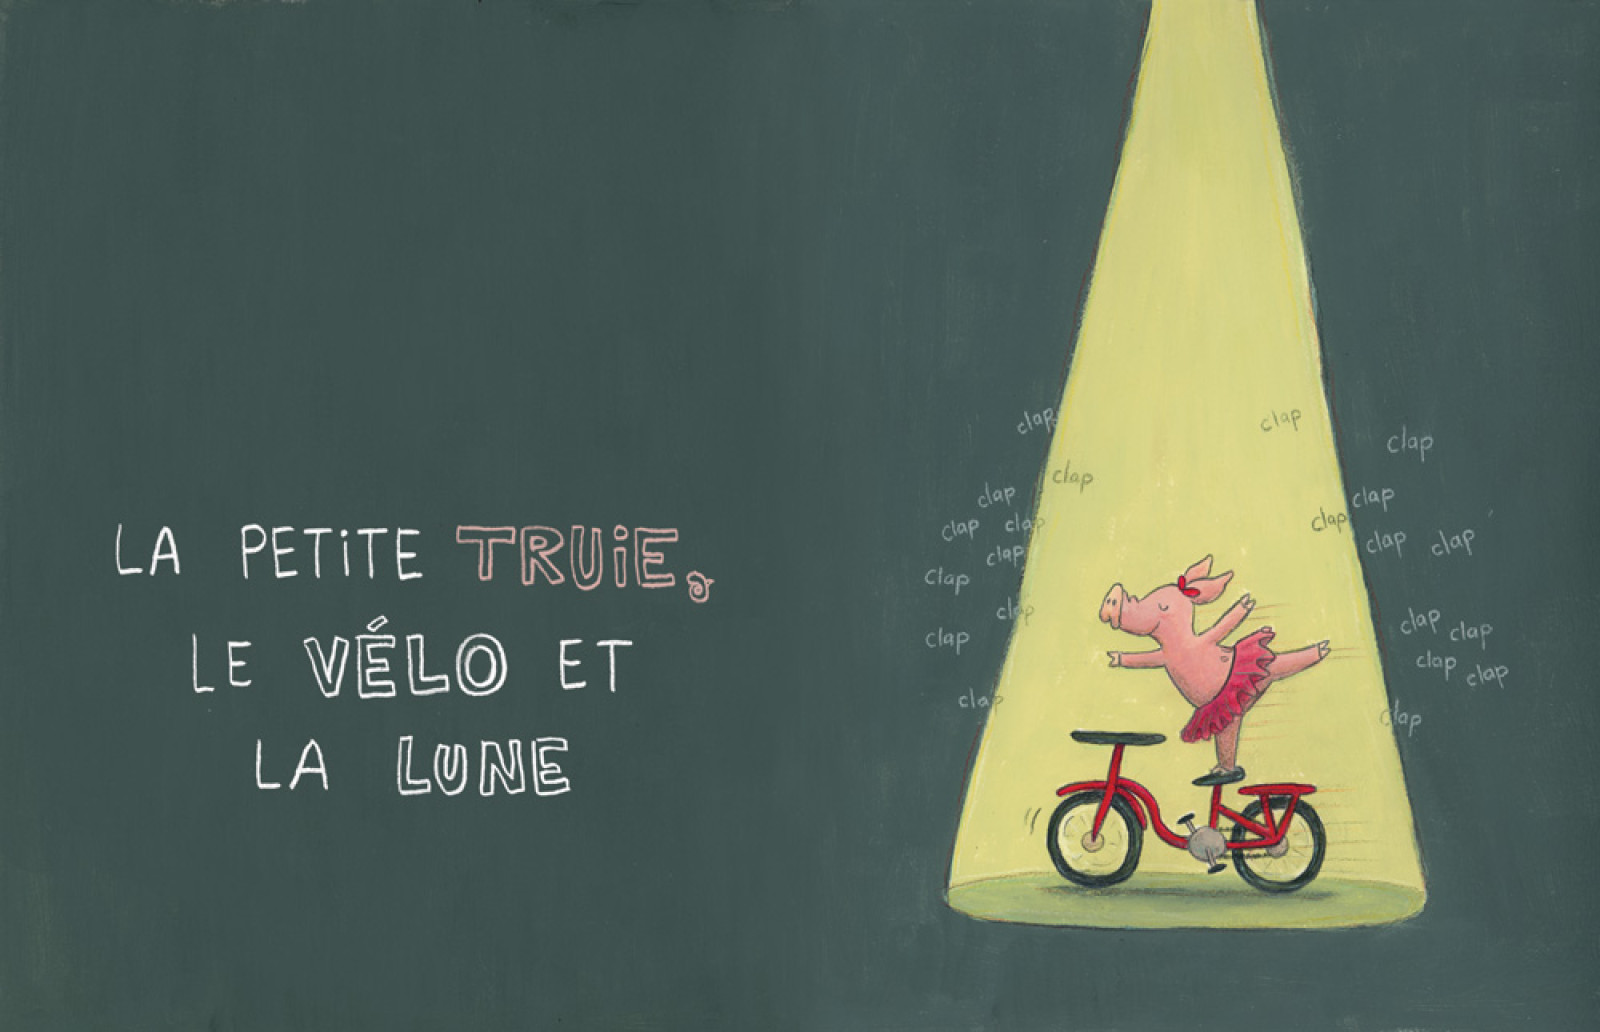 PJLQ : La petite truie, le vélo et la lune